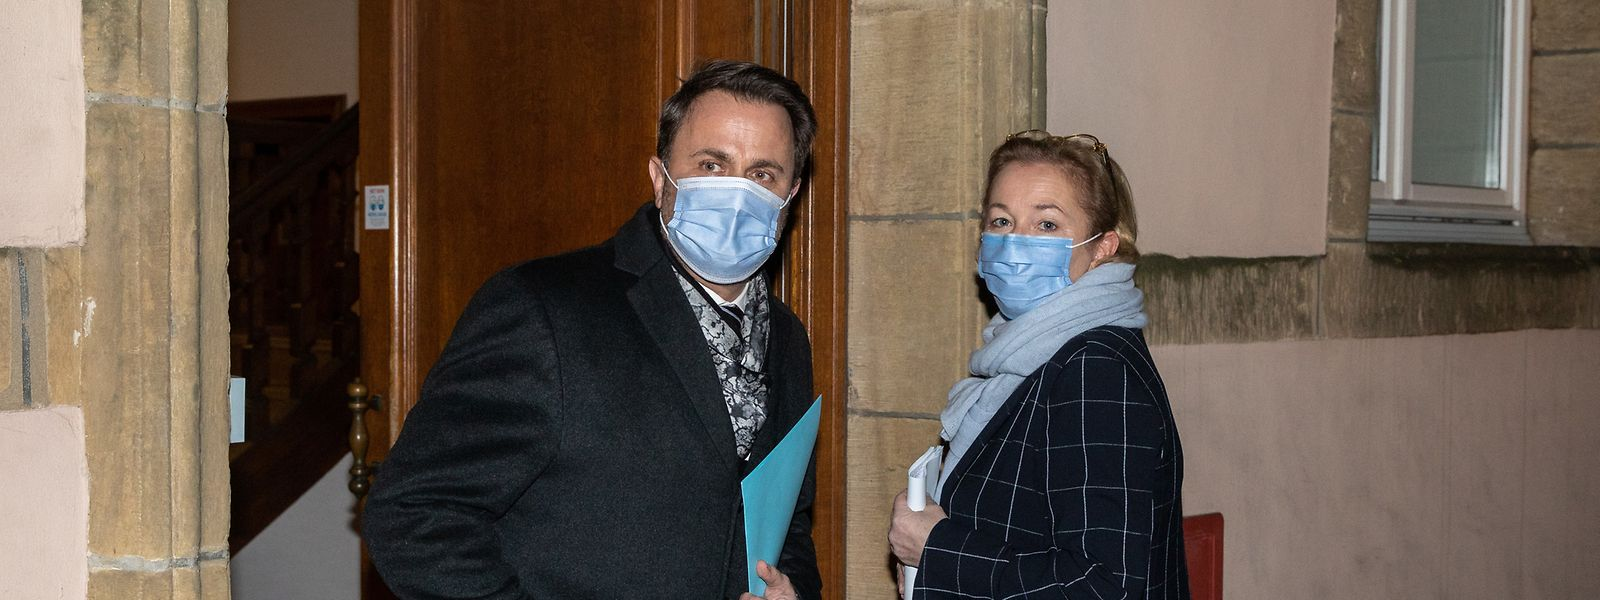 Premier Xavier Bettel und Gesundheitsministerin Paulette Lenert gaben am Montagabend nach der Kabinettssitzung die Details zu den neuen Regeln bekannt.